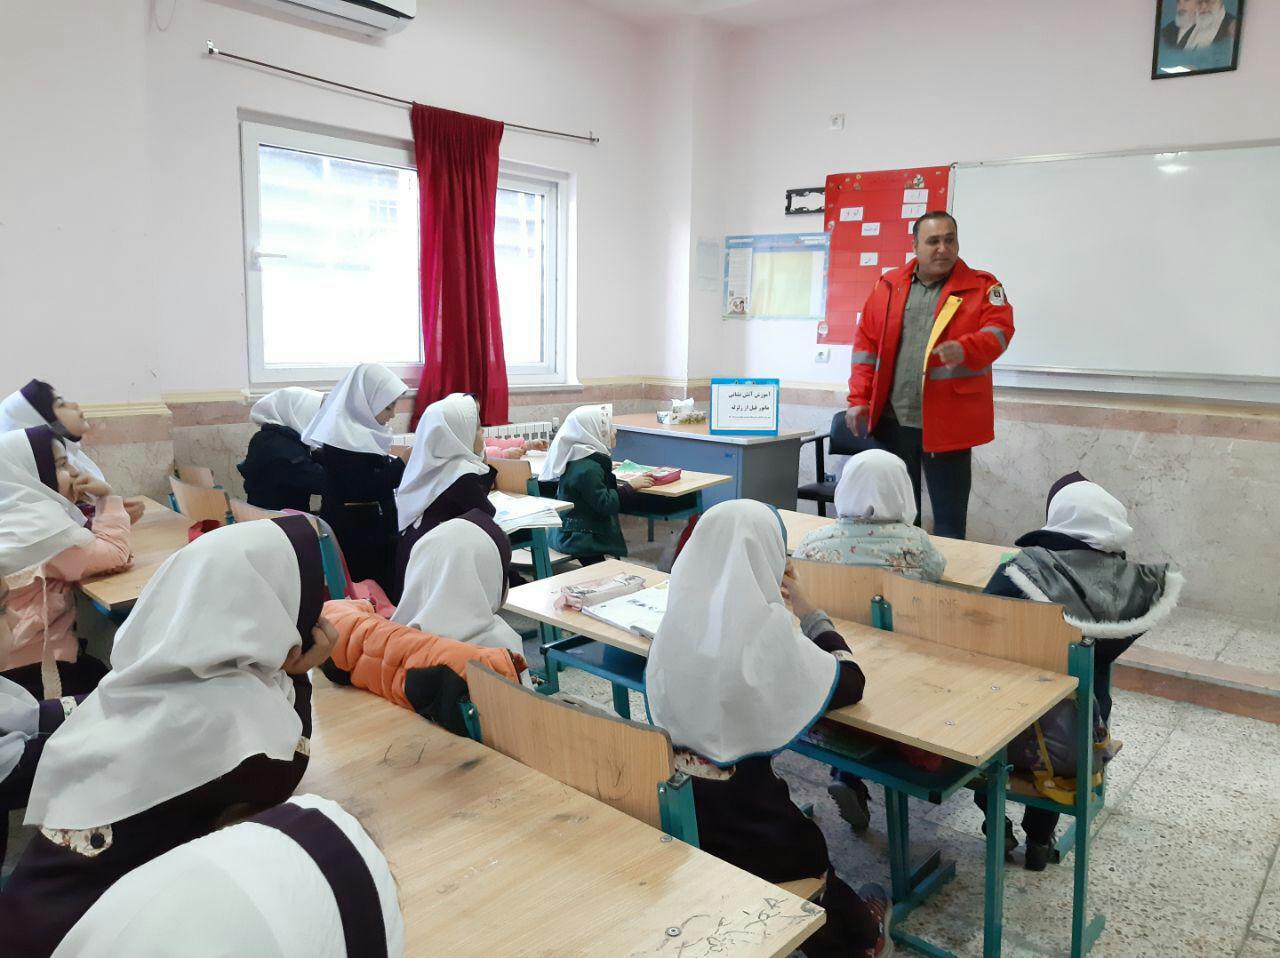 آموزش نکات وقوع زلزله به دانش آموزان دبستان برکت و اهدای هدایا به دانش آموزان توسط آتش نشانان شهرداری